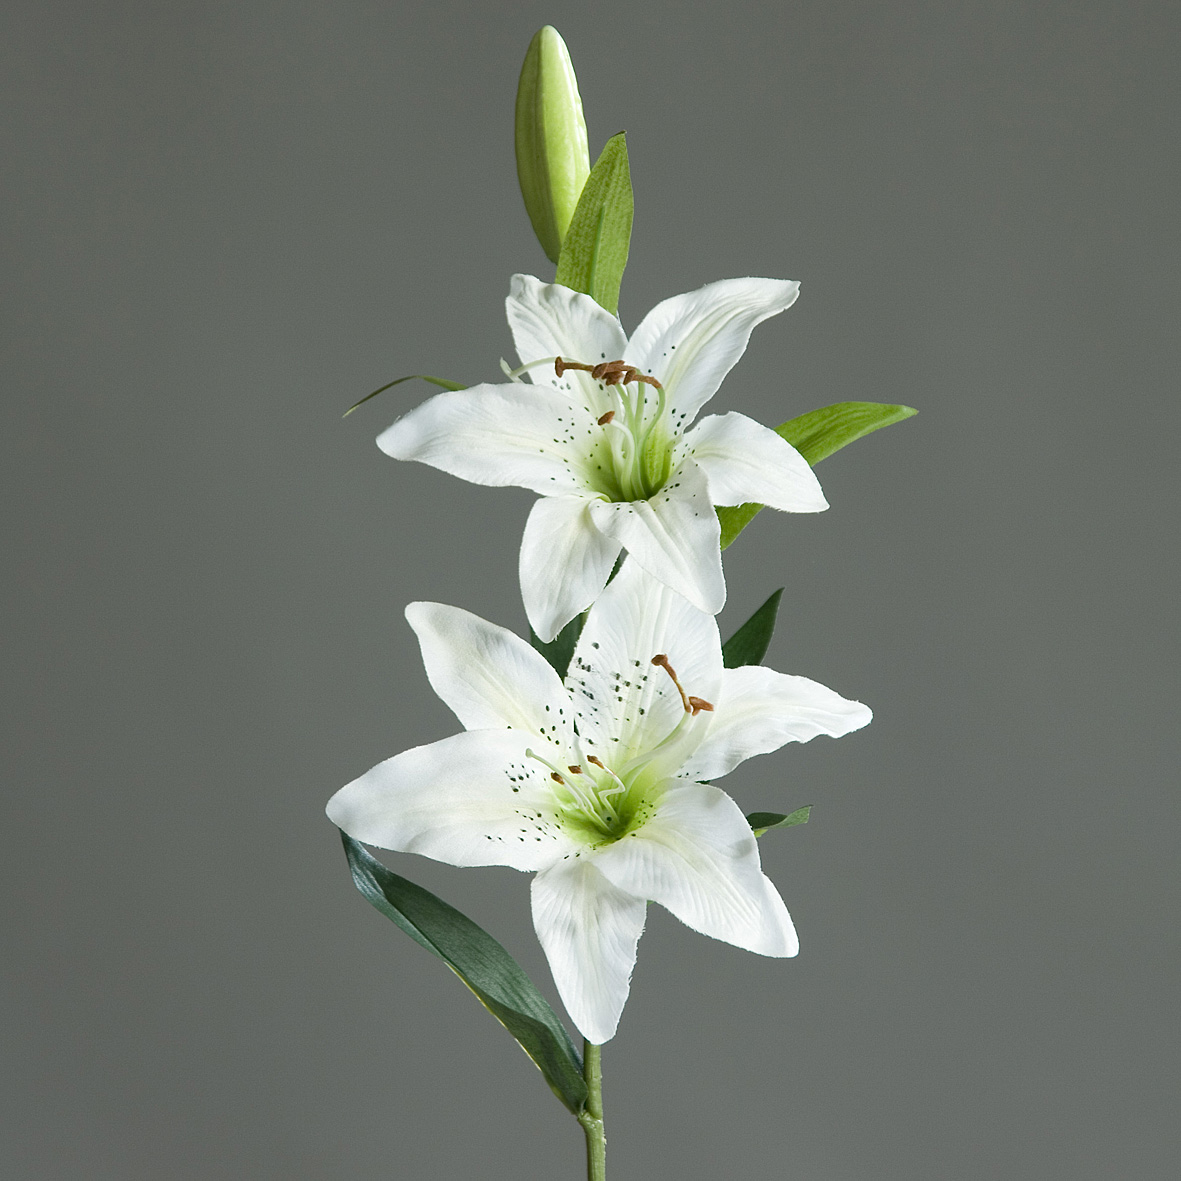 этом ветка белой лилии фото явно допускает